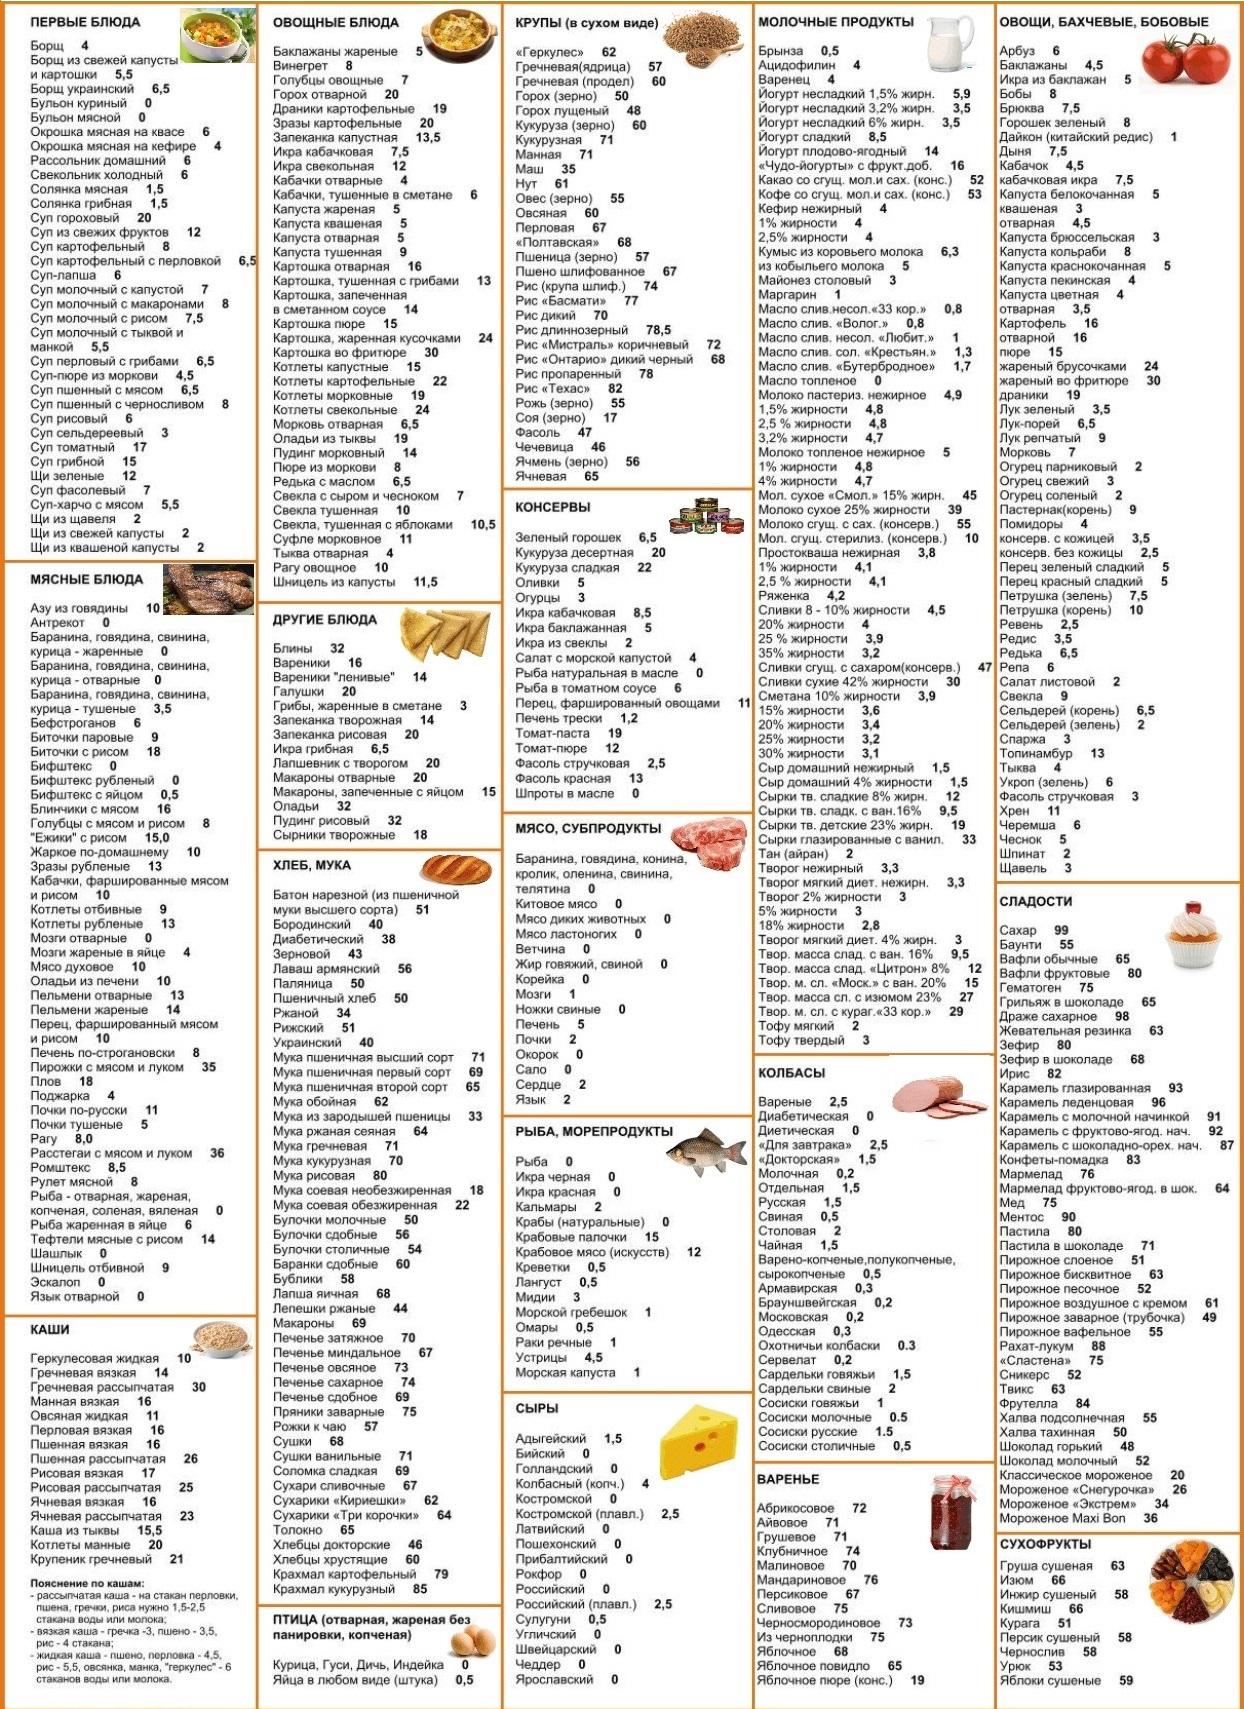 Кремлевская диета для похудения: этапы, рецепты, таблица баллов.